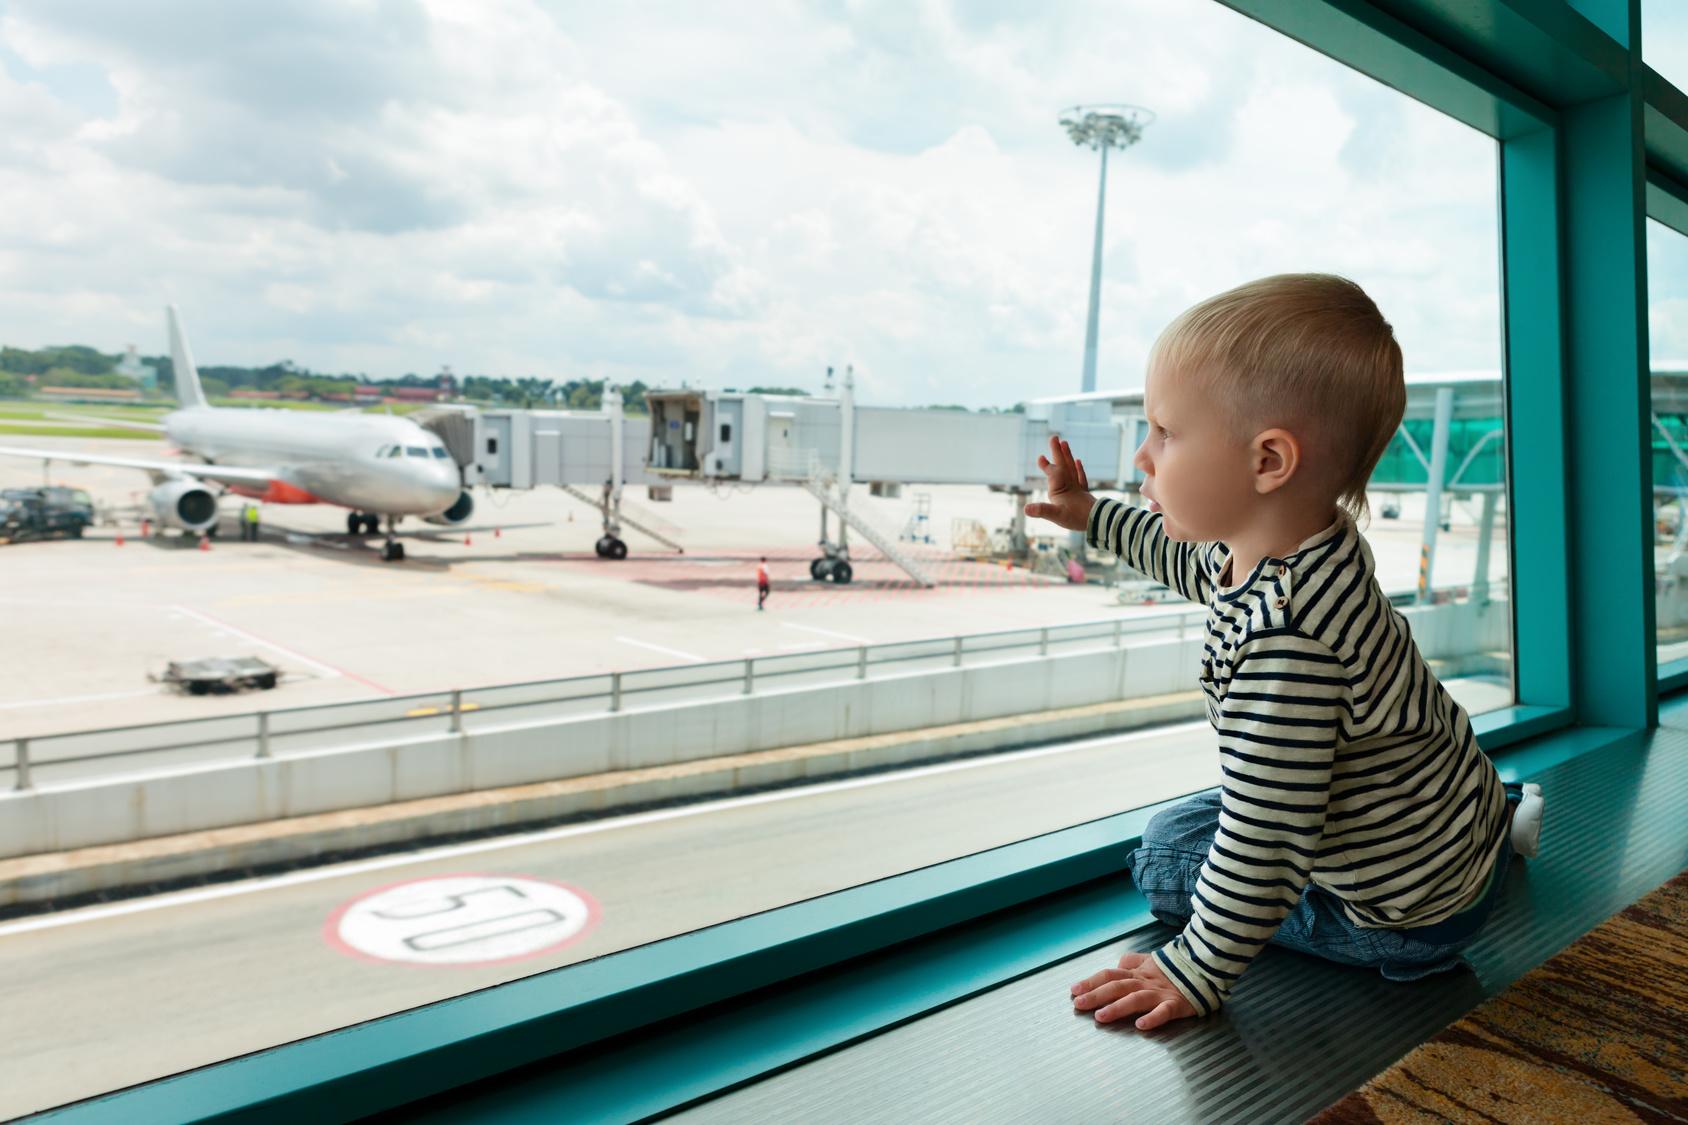 Ohne sorgeberechtigten Elternteil wenn das Kind allein verreist